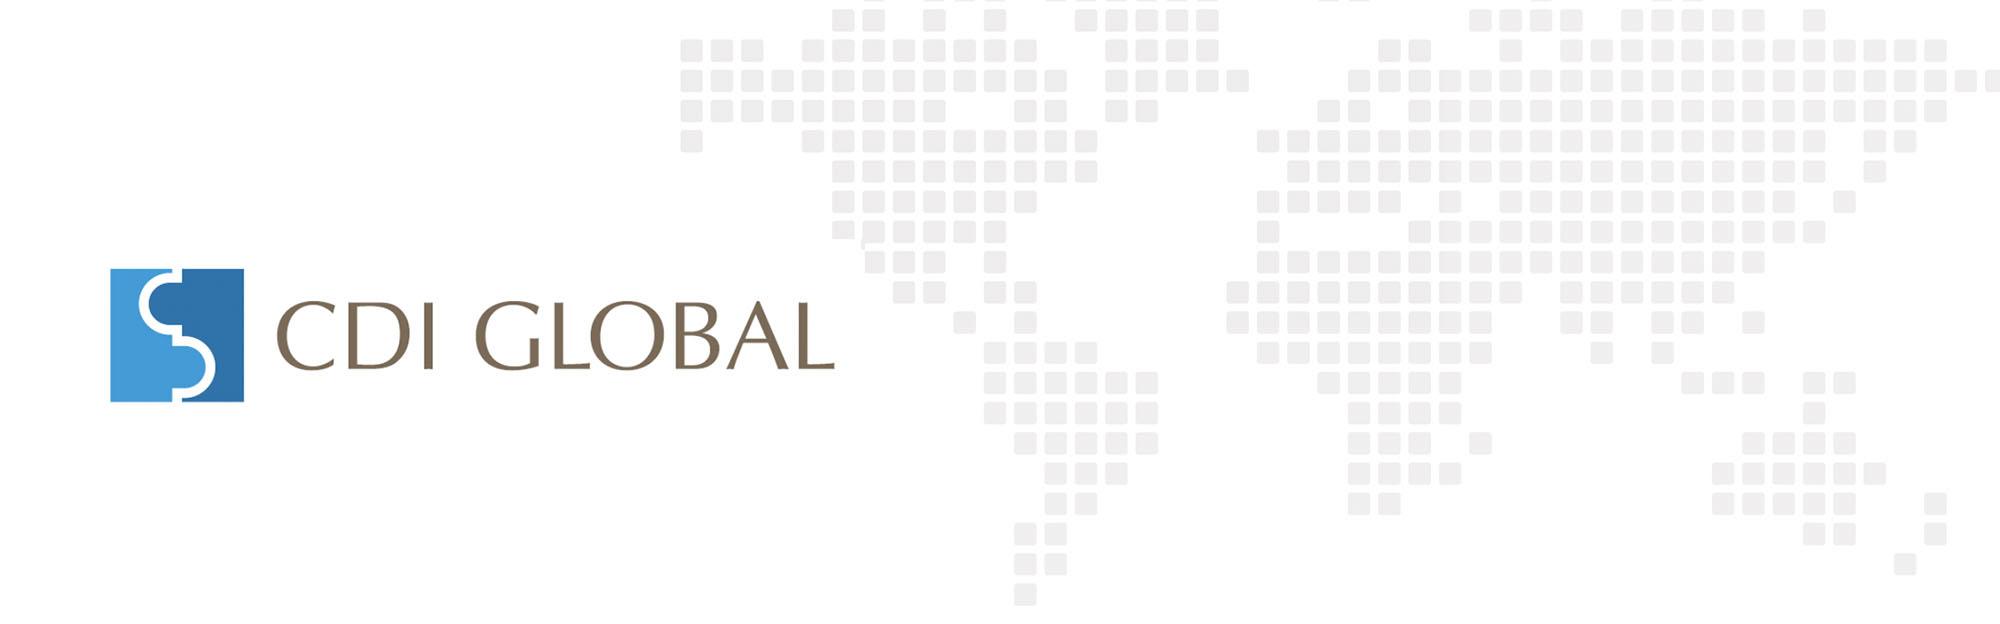 CDI Global